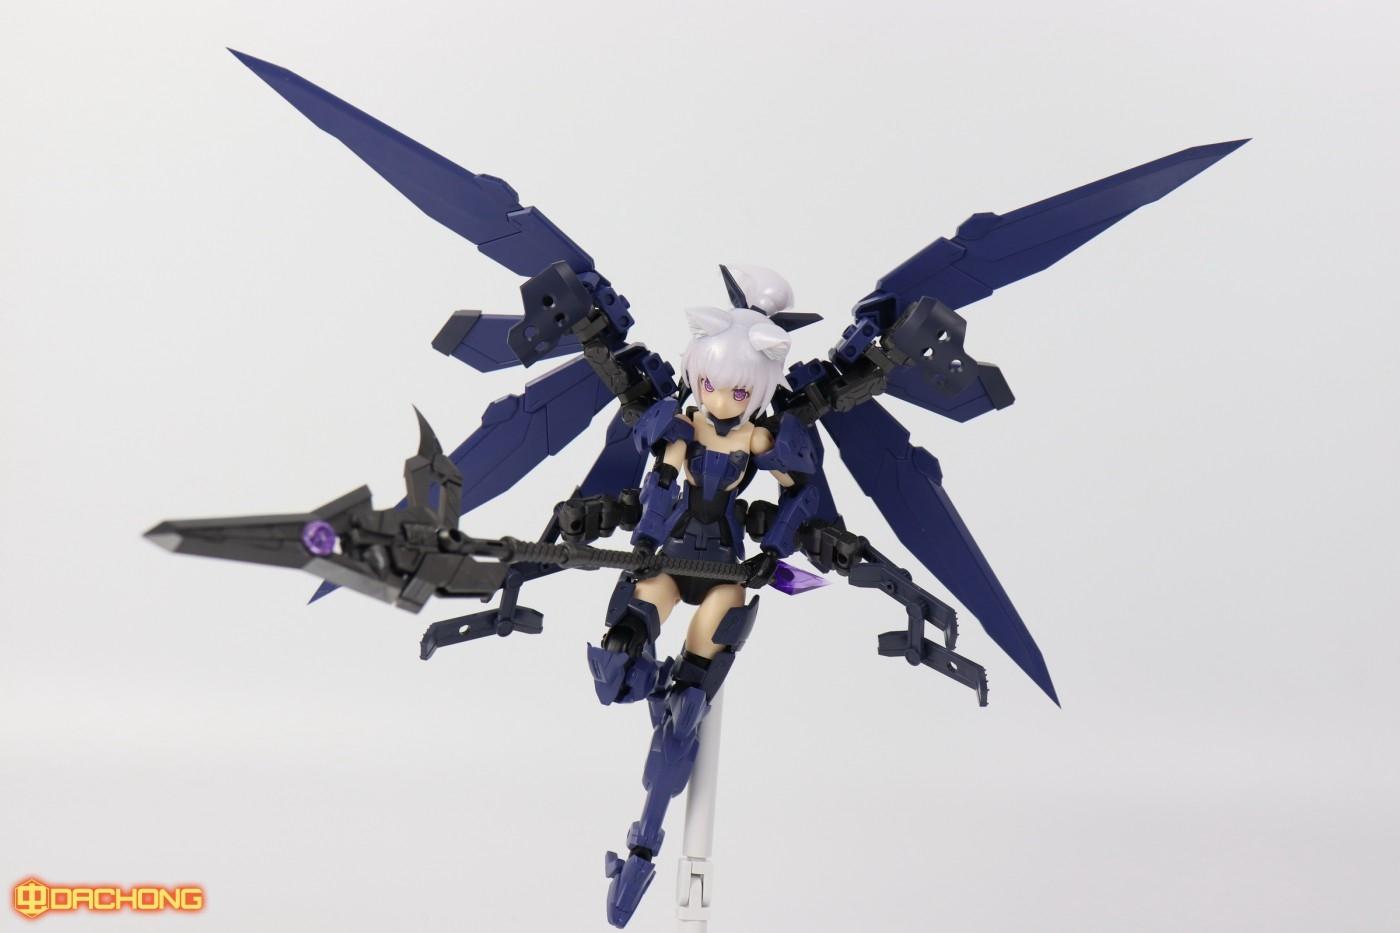 S273_Pretty_Armor_inask_068.jpg